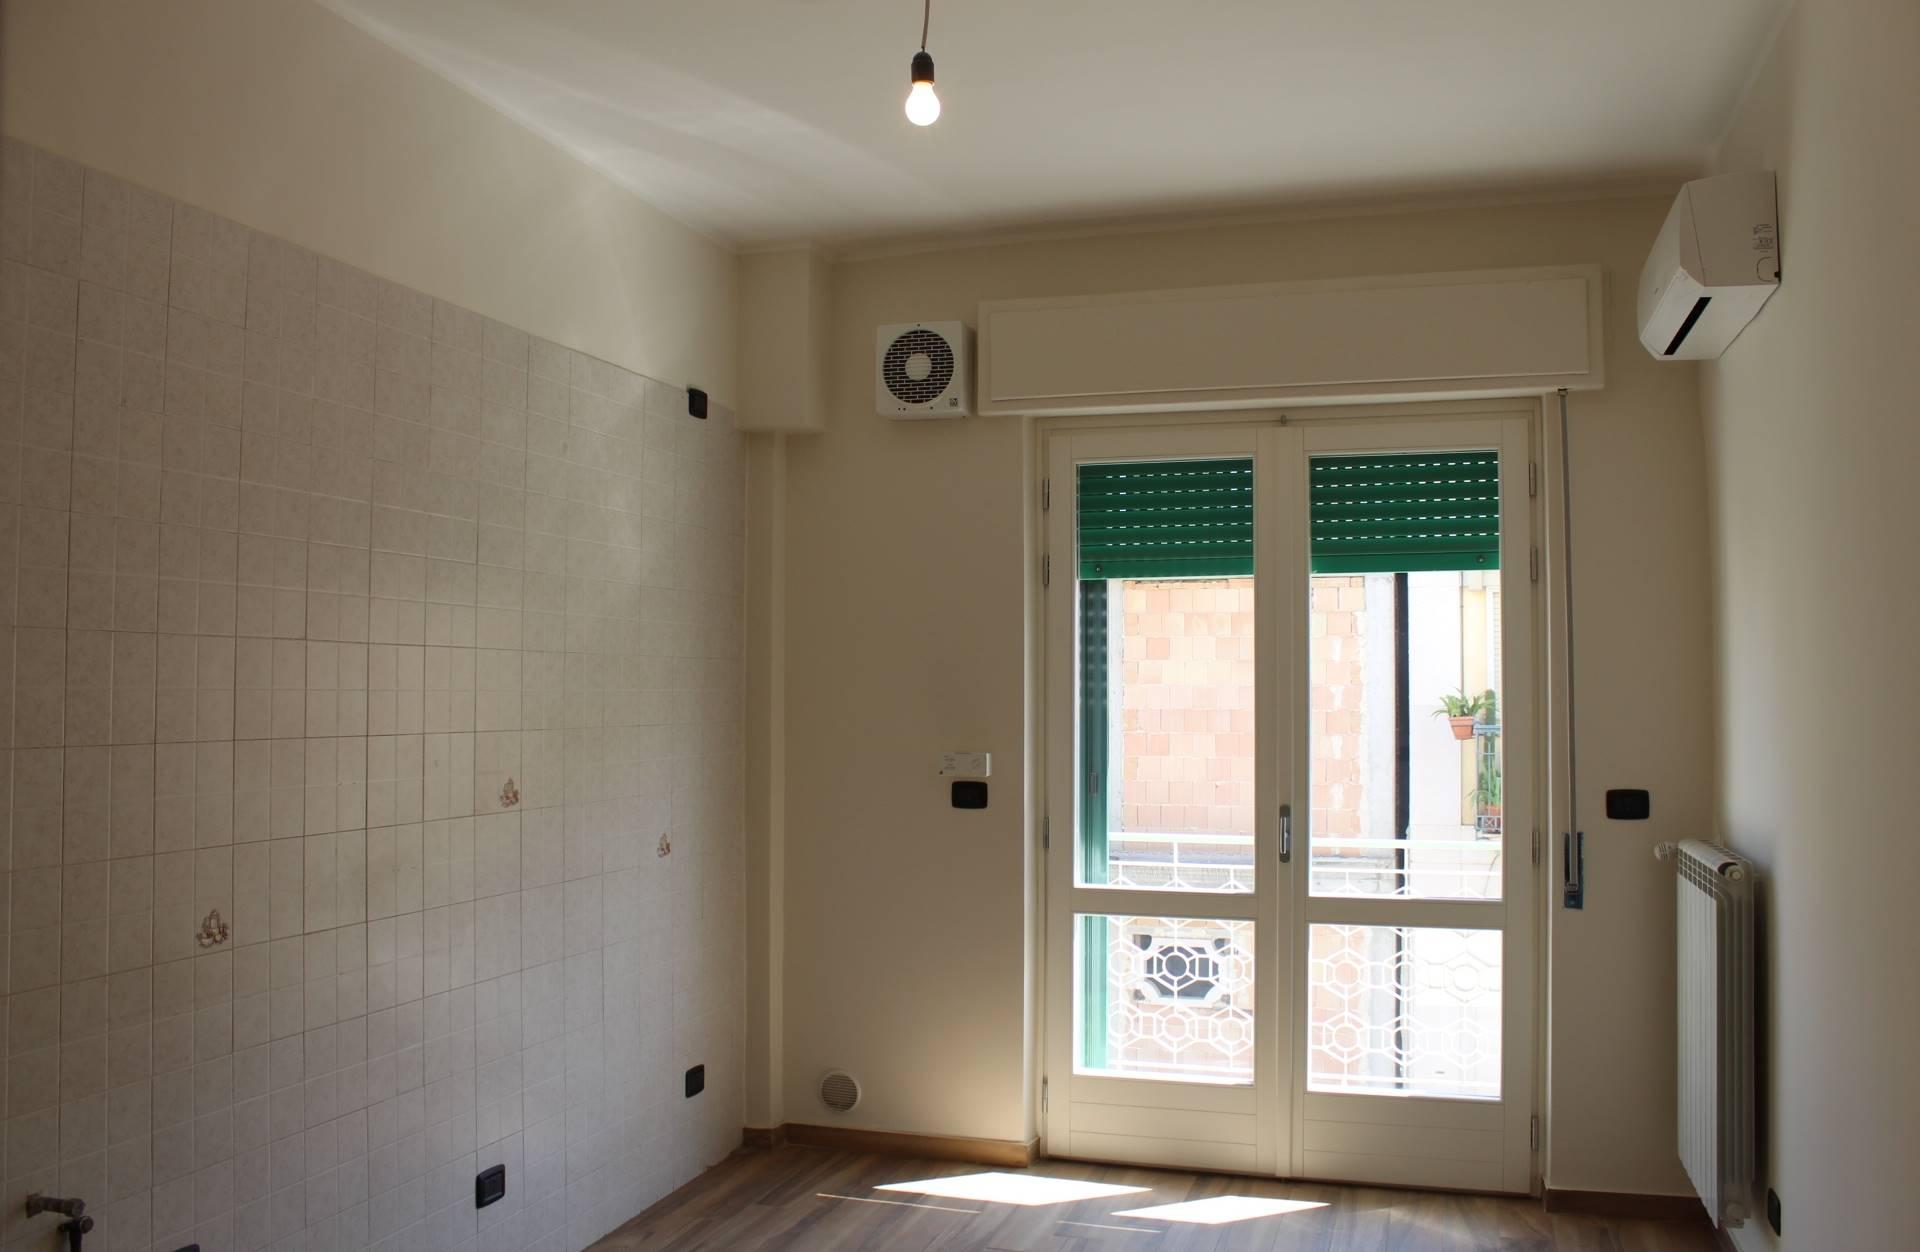 In Via Oberdan, nei pressi del centro cittadino, proponiamo un appartamento completamente ristrutturato posto al 1° piano di un condominio.